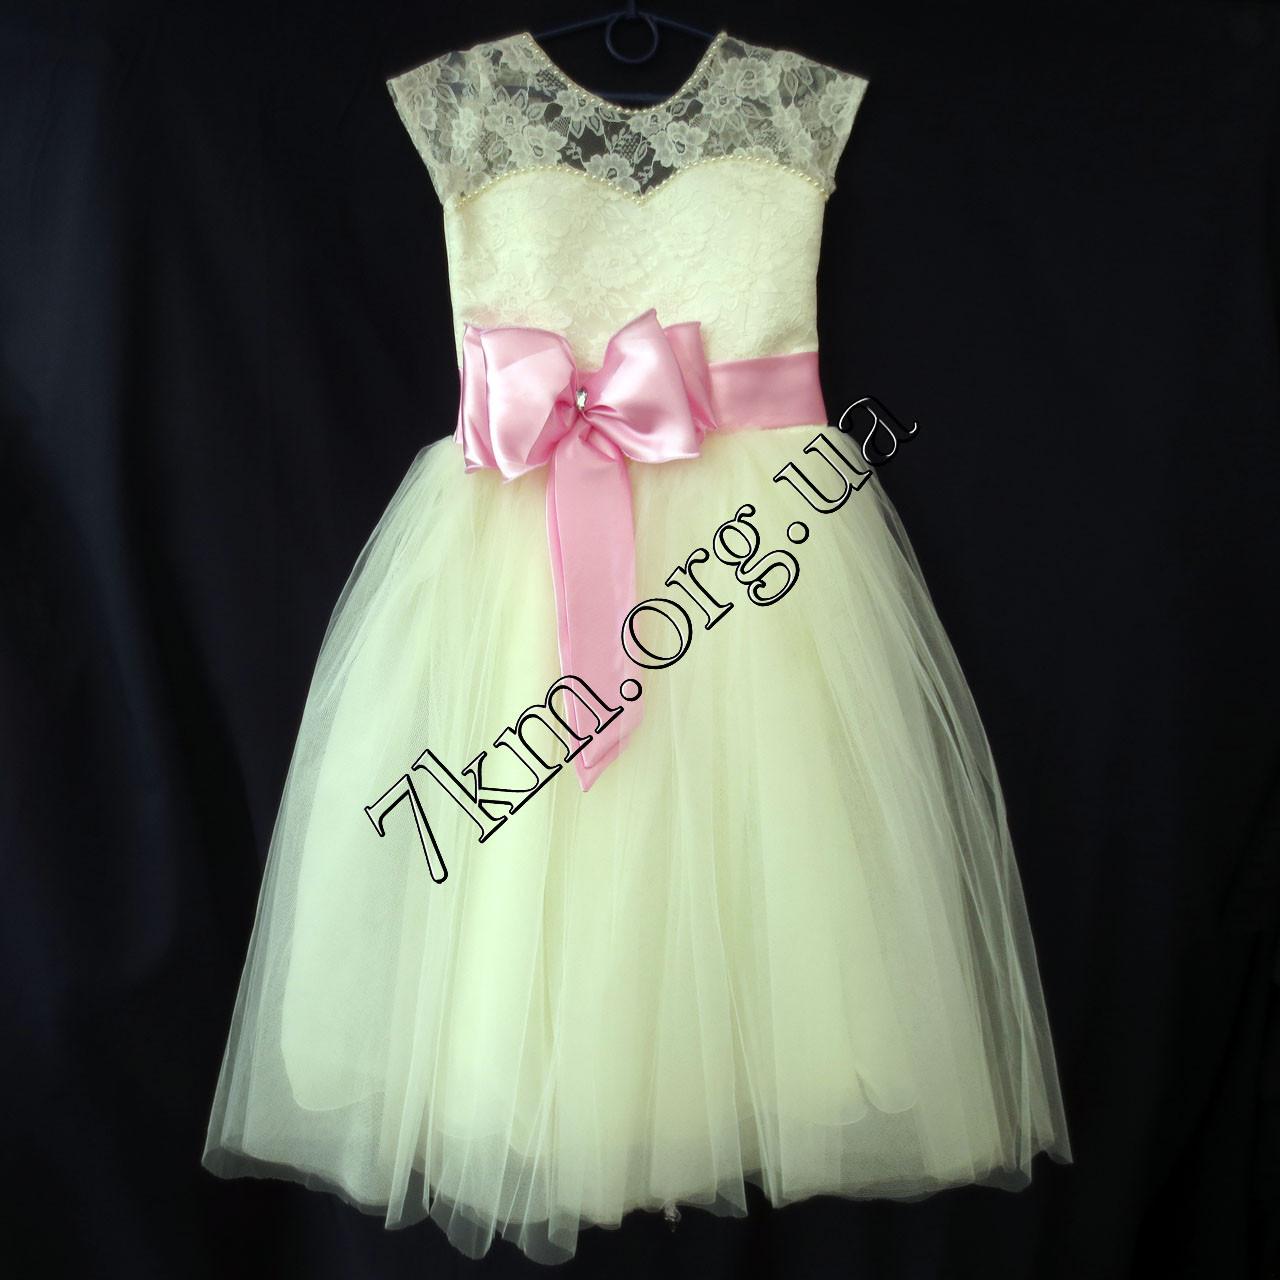 Платье нарядное бальное детское 6-7 лет Бант розовый Украина оптом.